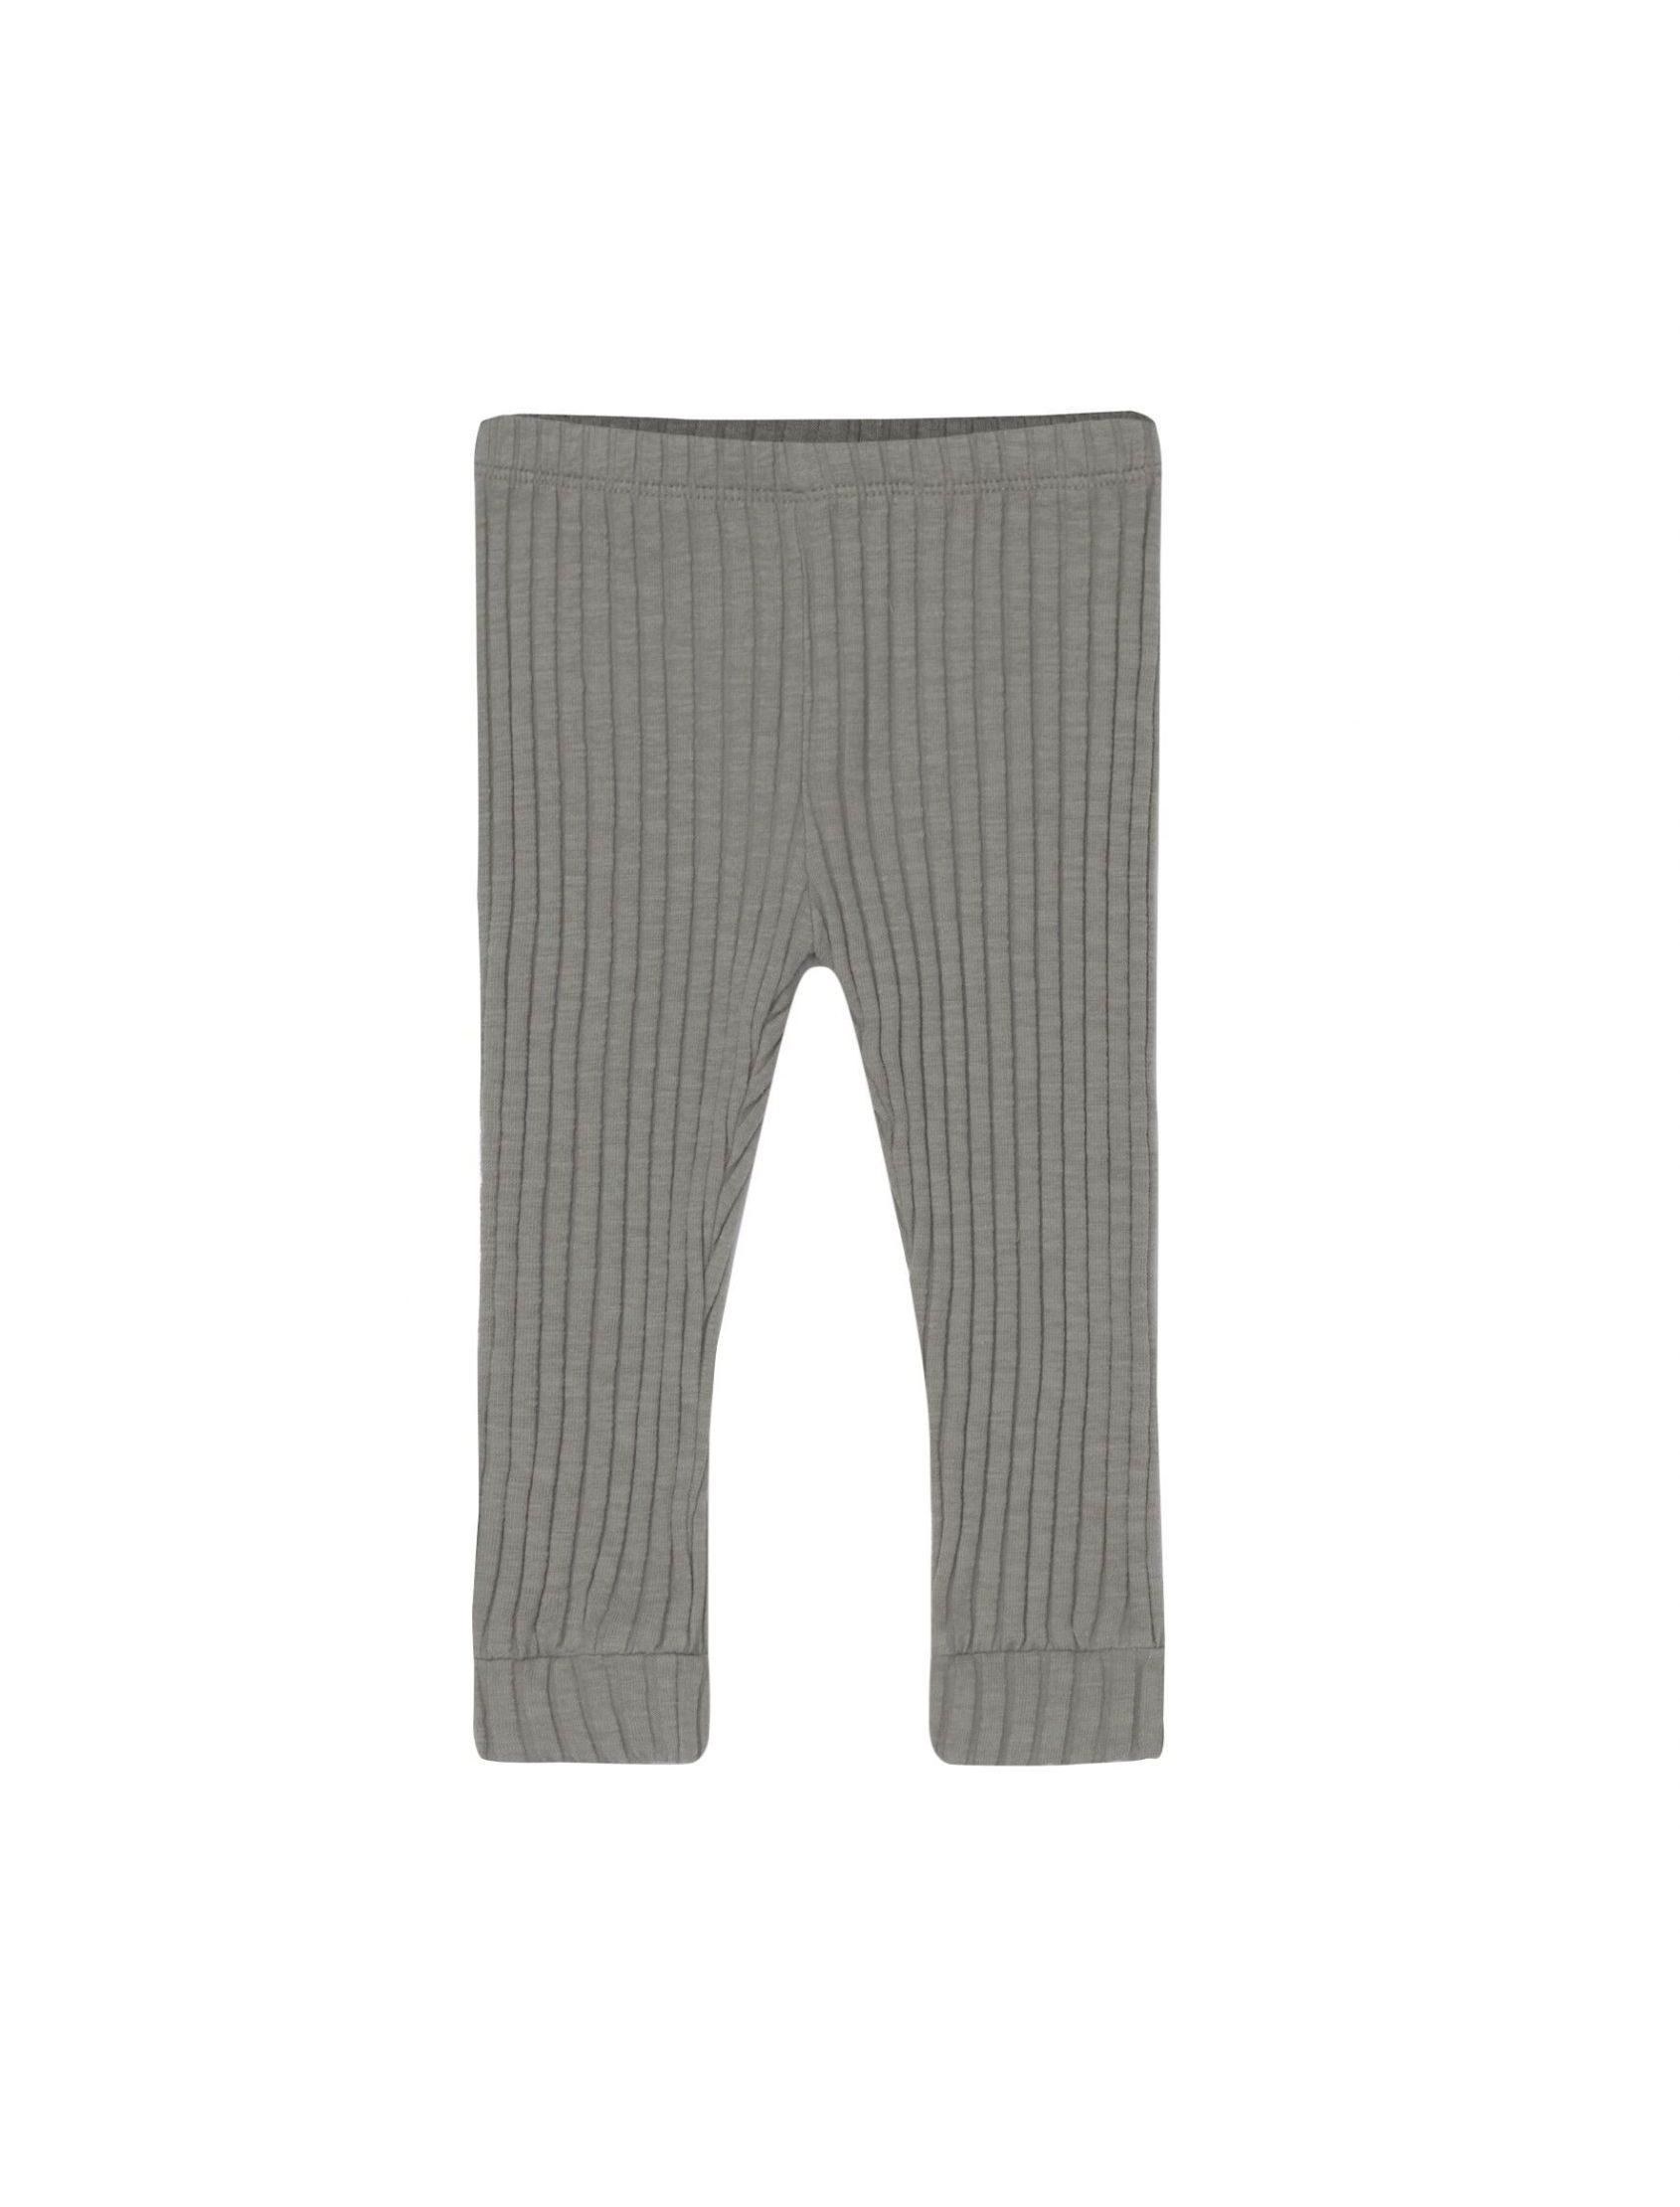 Legging unisex Rib en tono antracita con goma en la cintura y punto canale